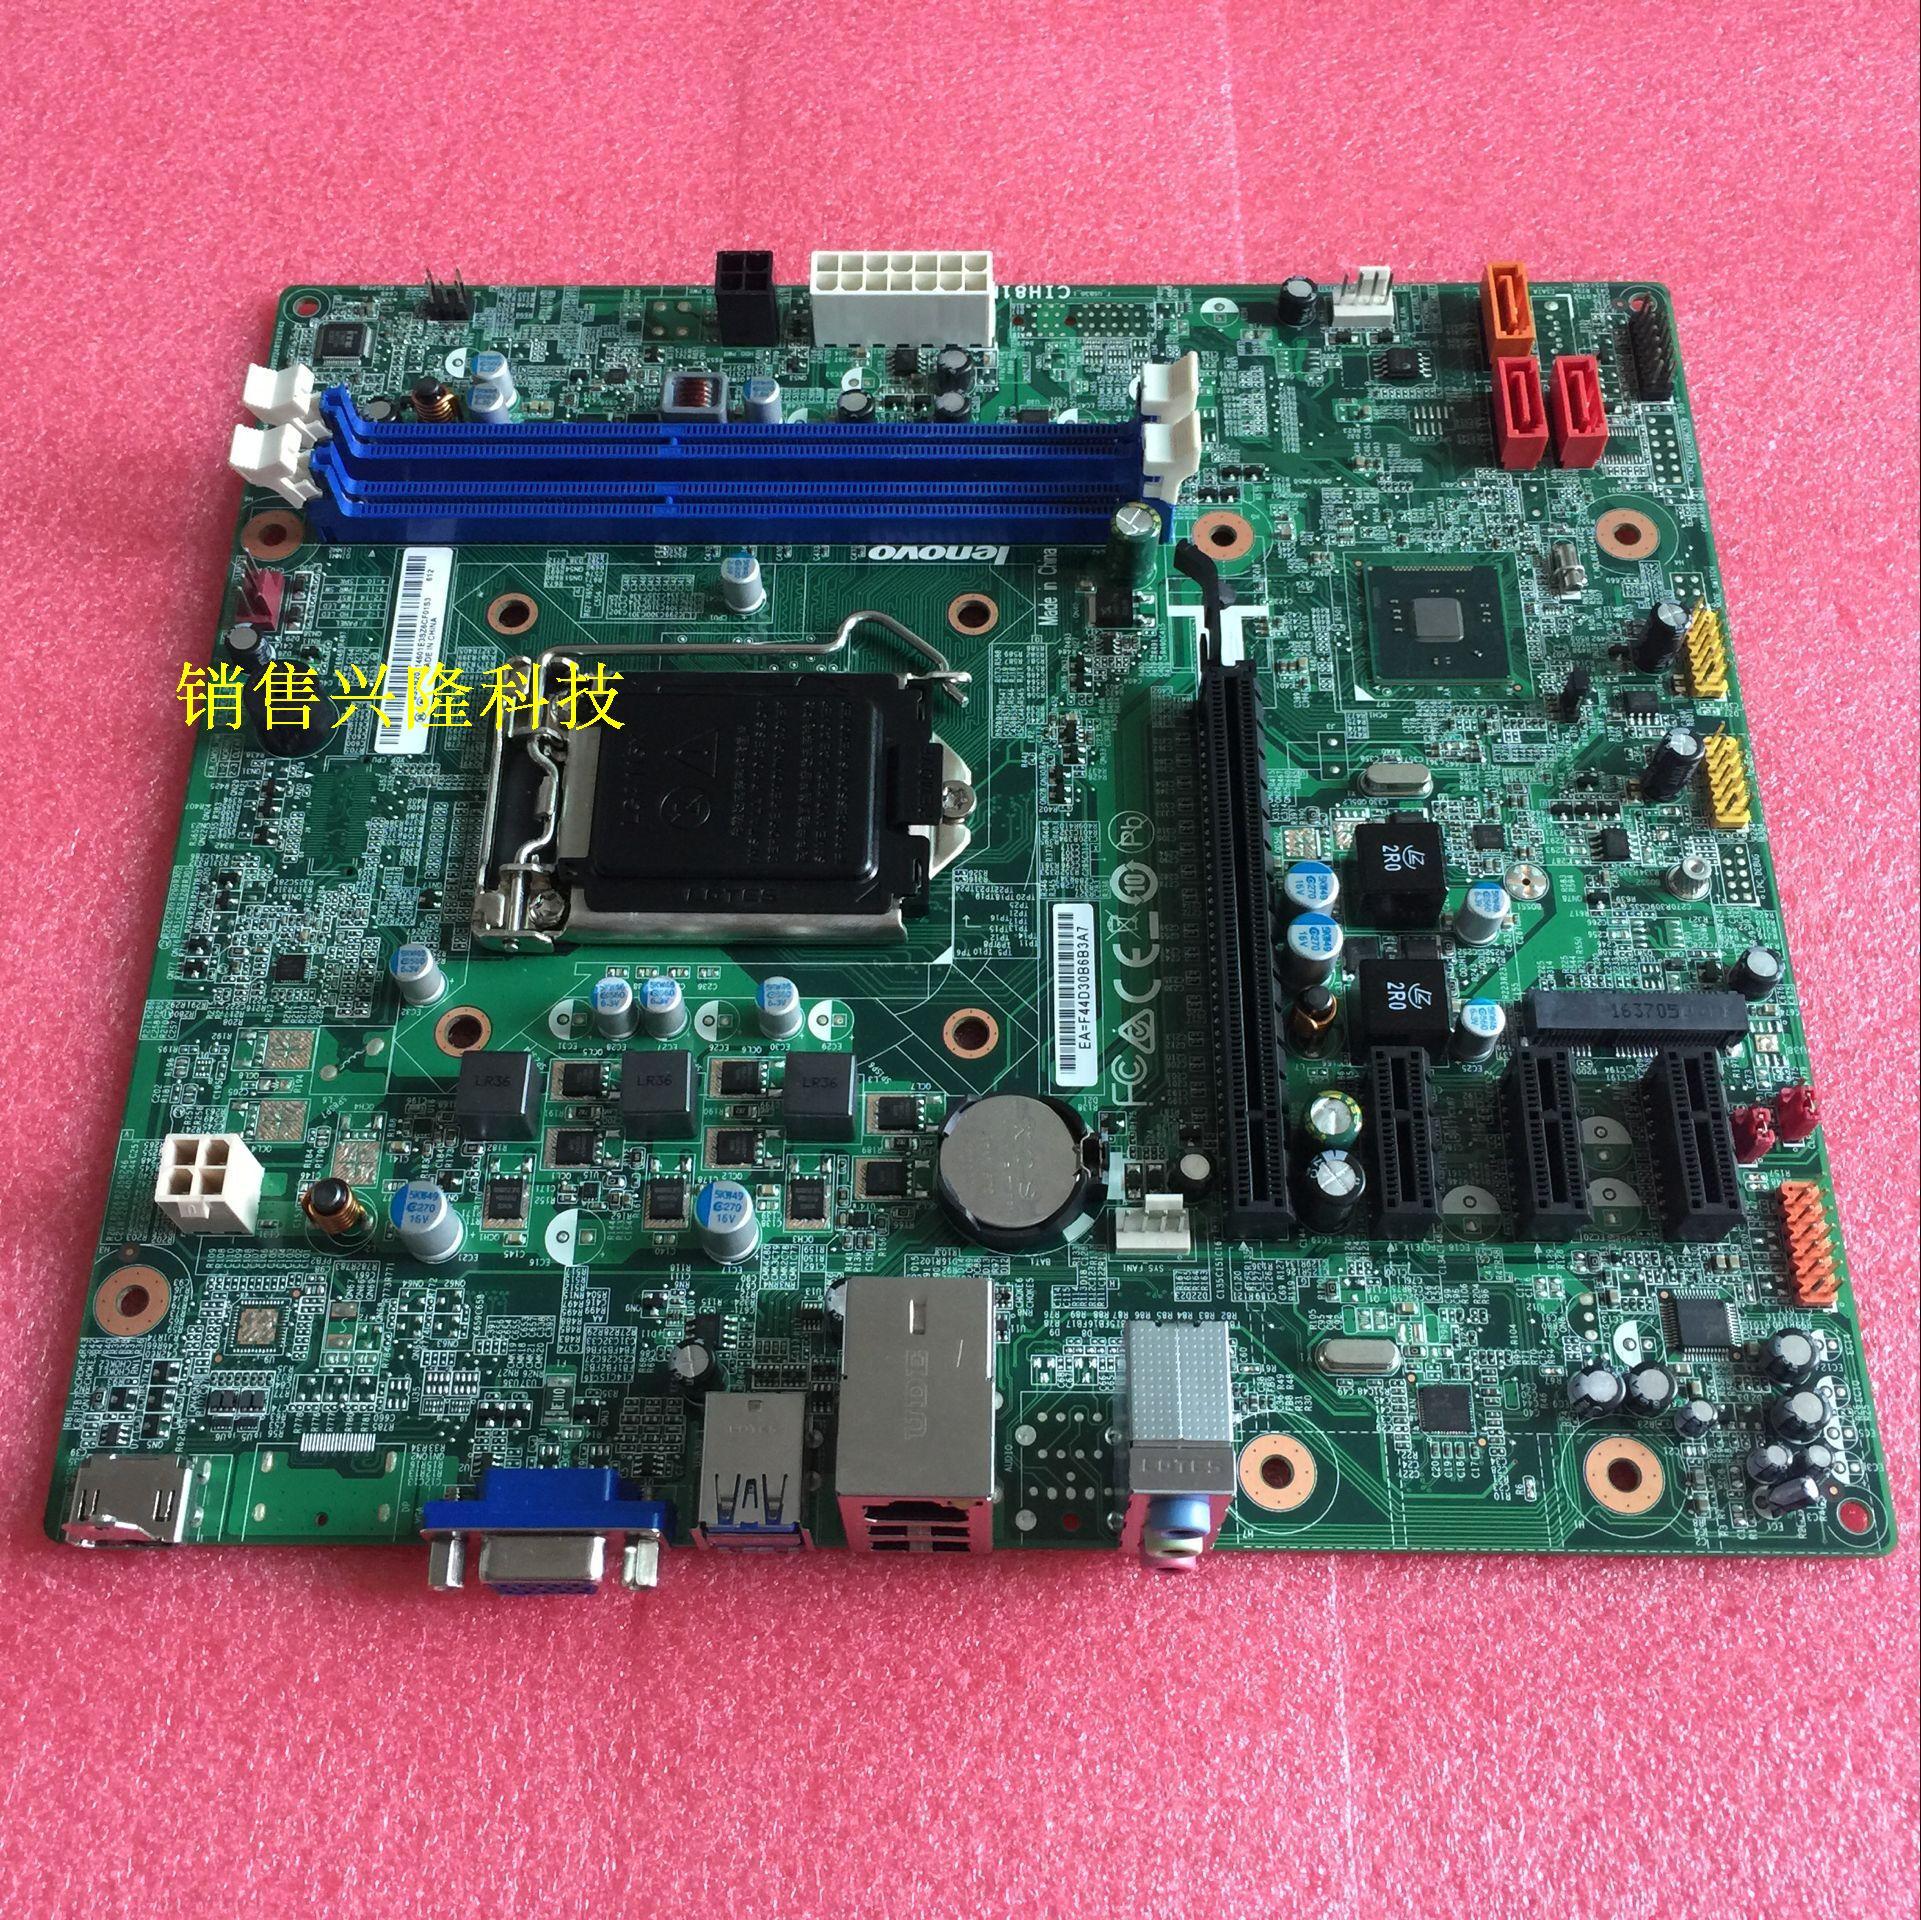 库存 联想/cih81m h81主板 lga1150 家悦h5050 g5050 i3 i5 i7cpu